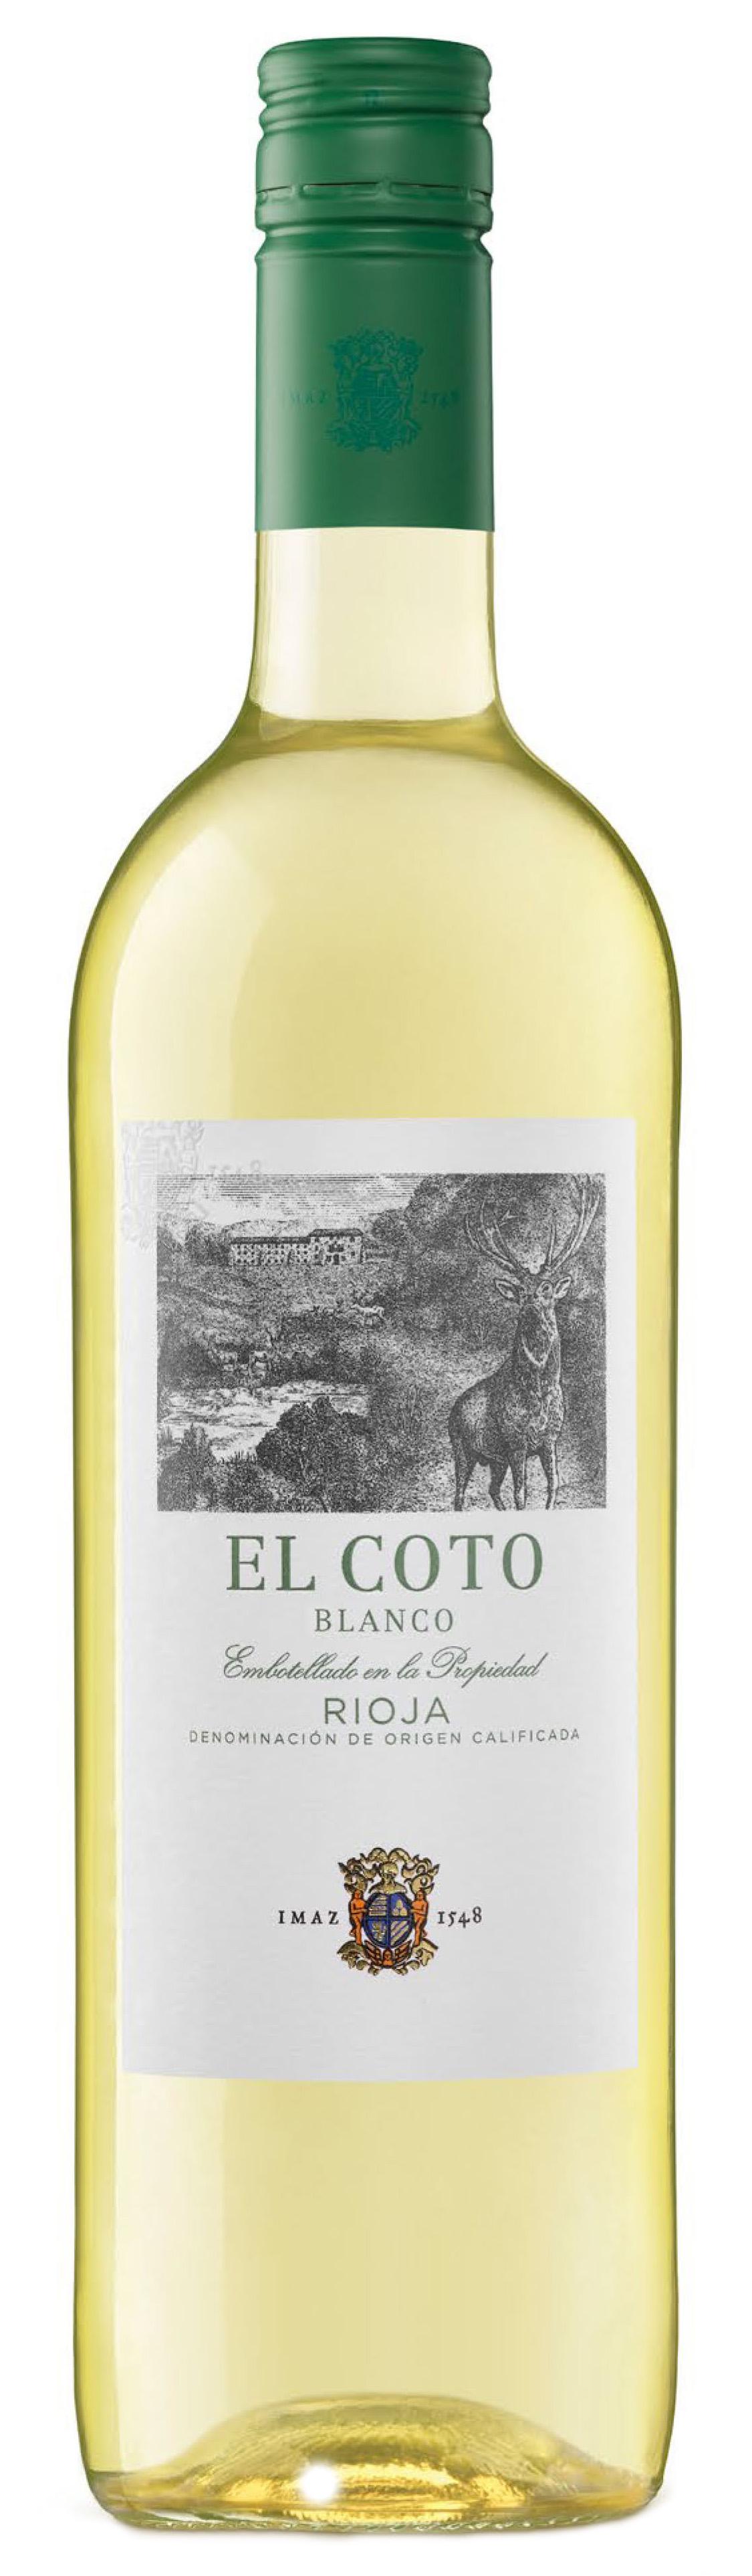 El Coto, Rioja Blanco 2017